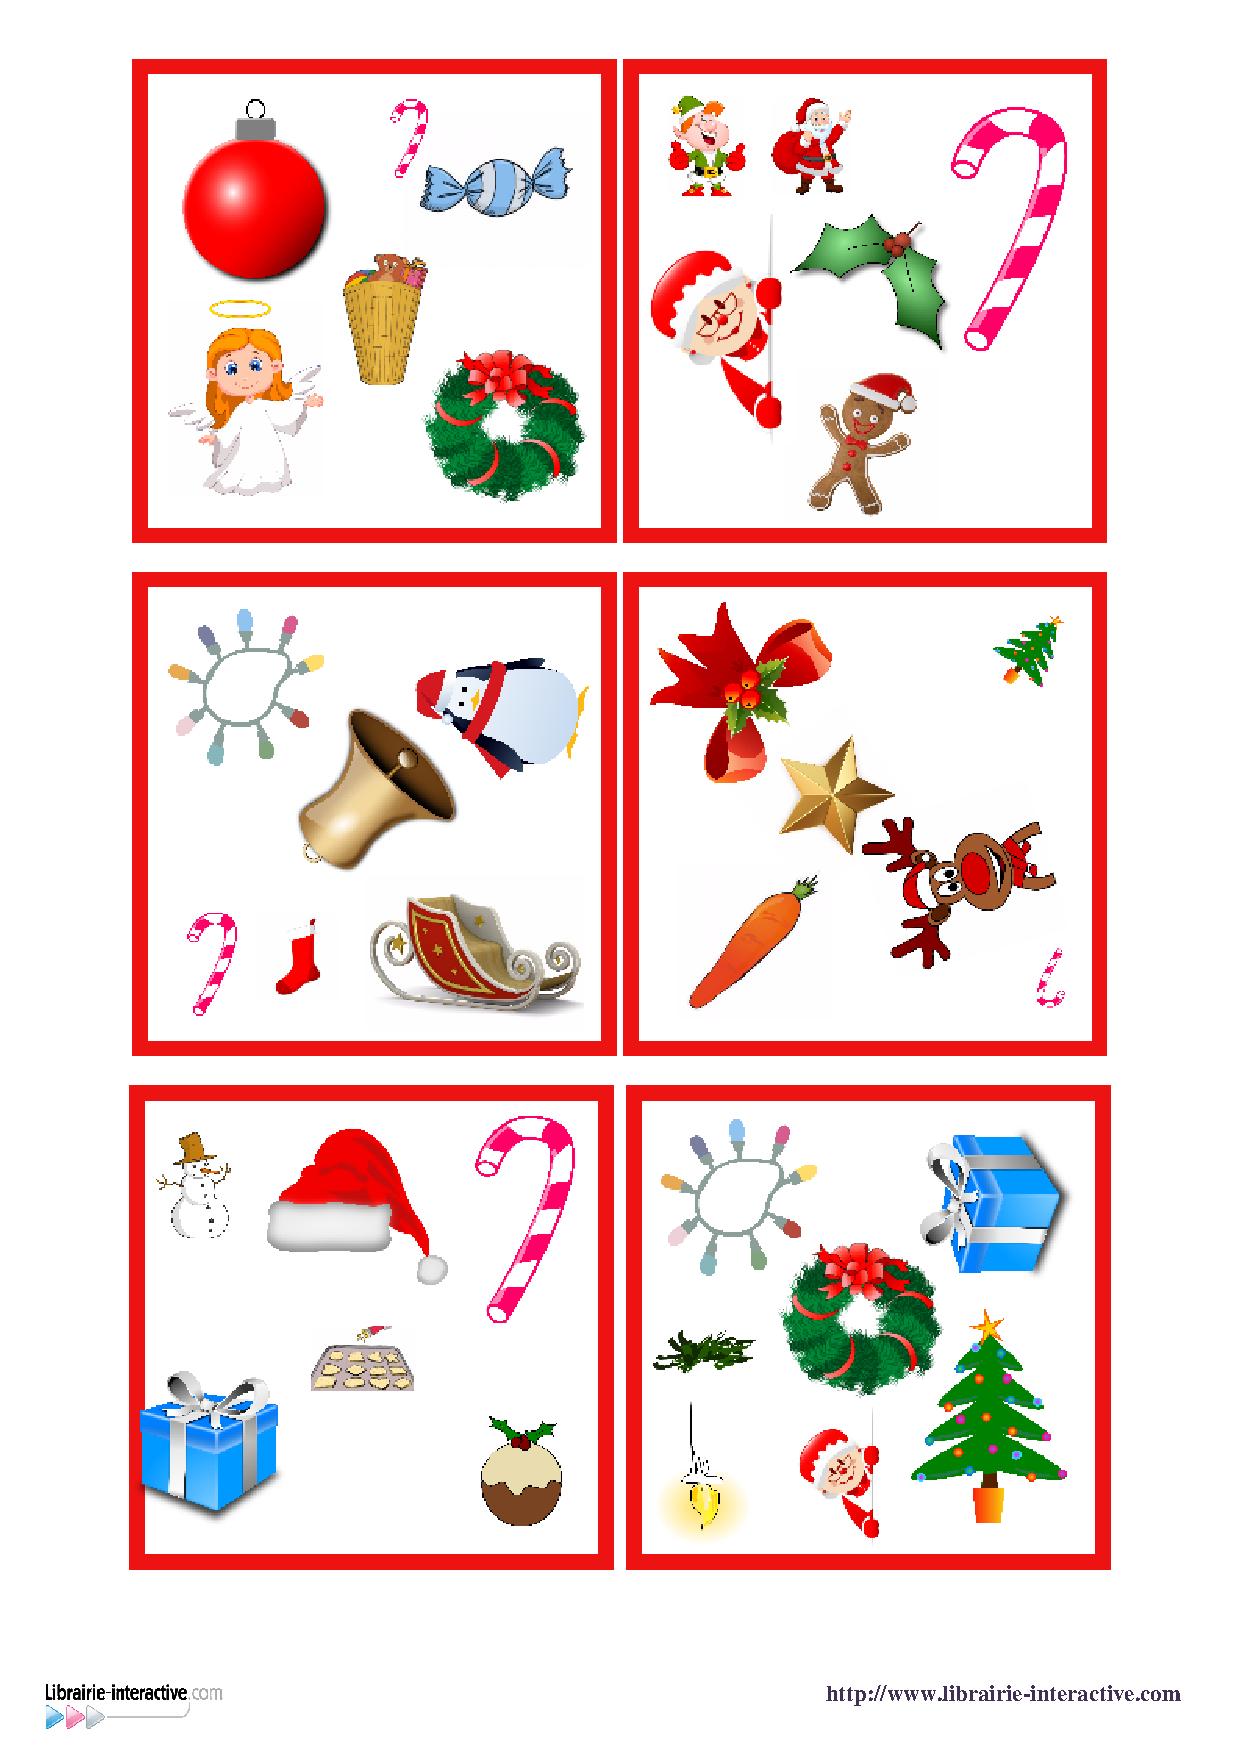 Une Version Du Célèbre Jeu De Dobble Sur Le Thème De Noël dedans Jeu Noel Maternelle